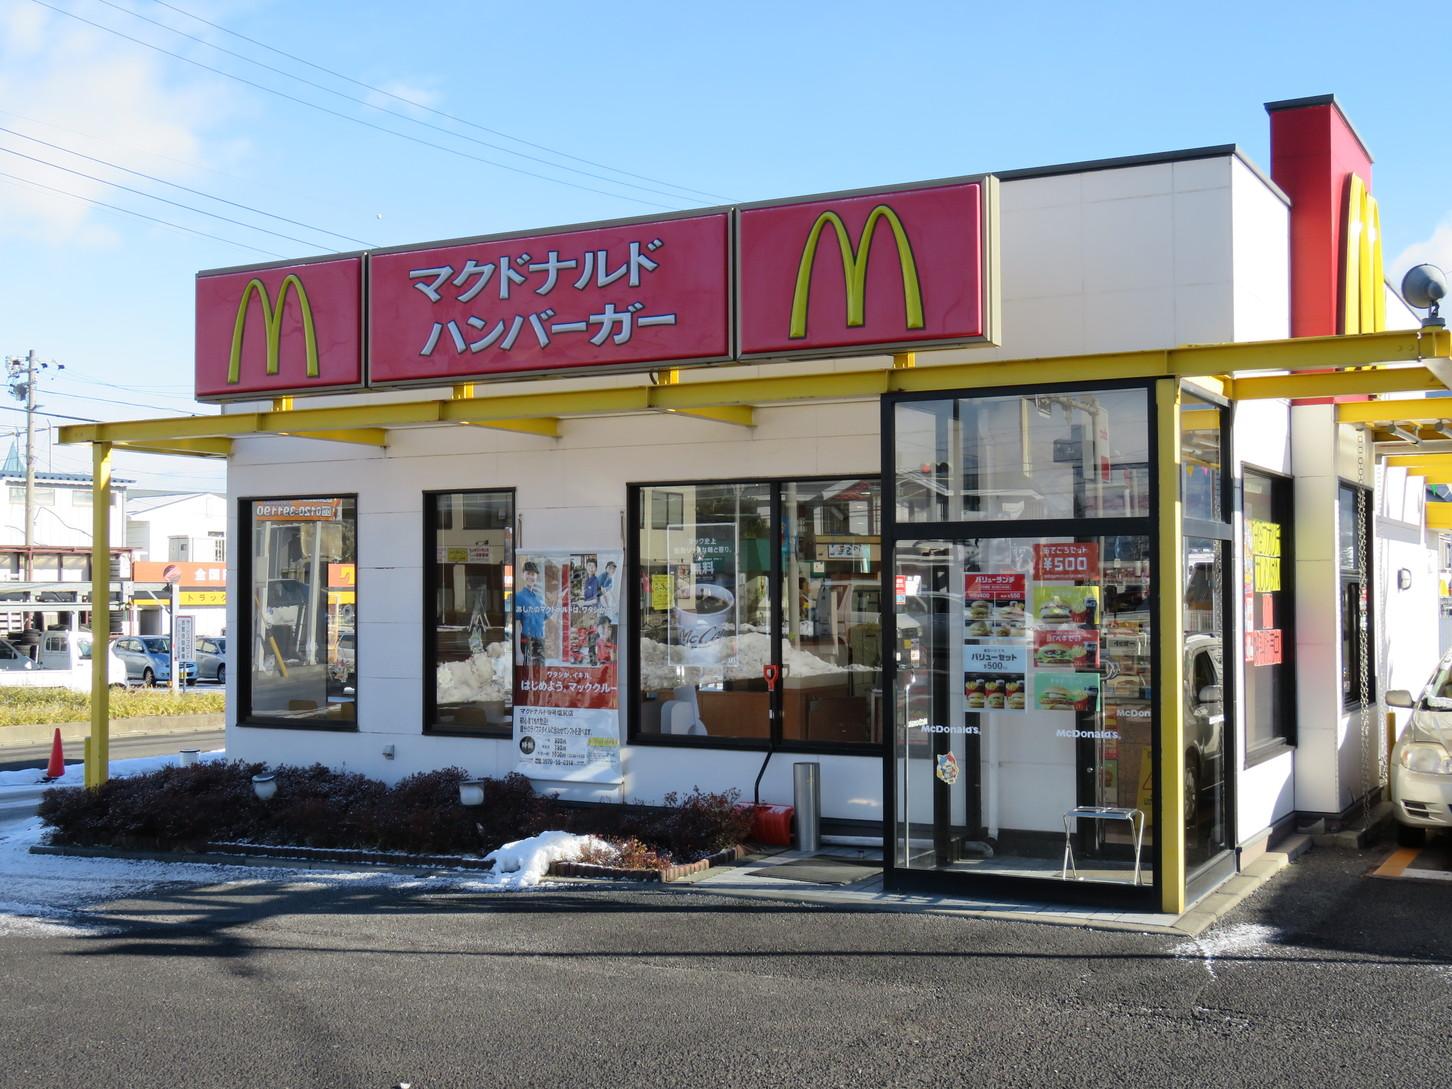 マクドナルド 19号塩尻店